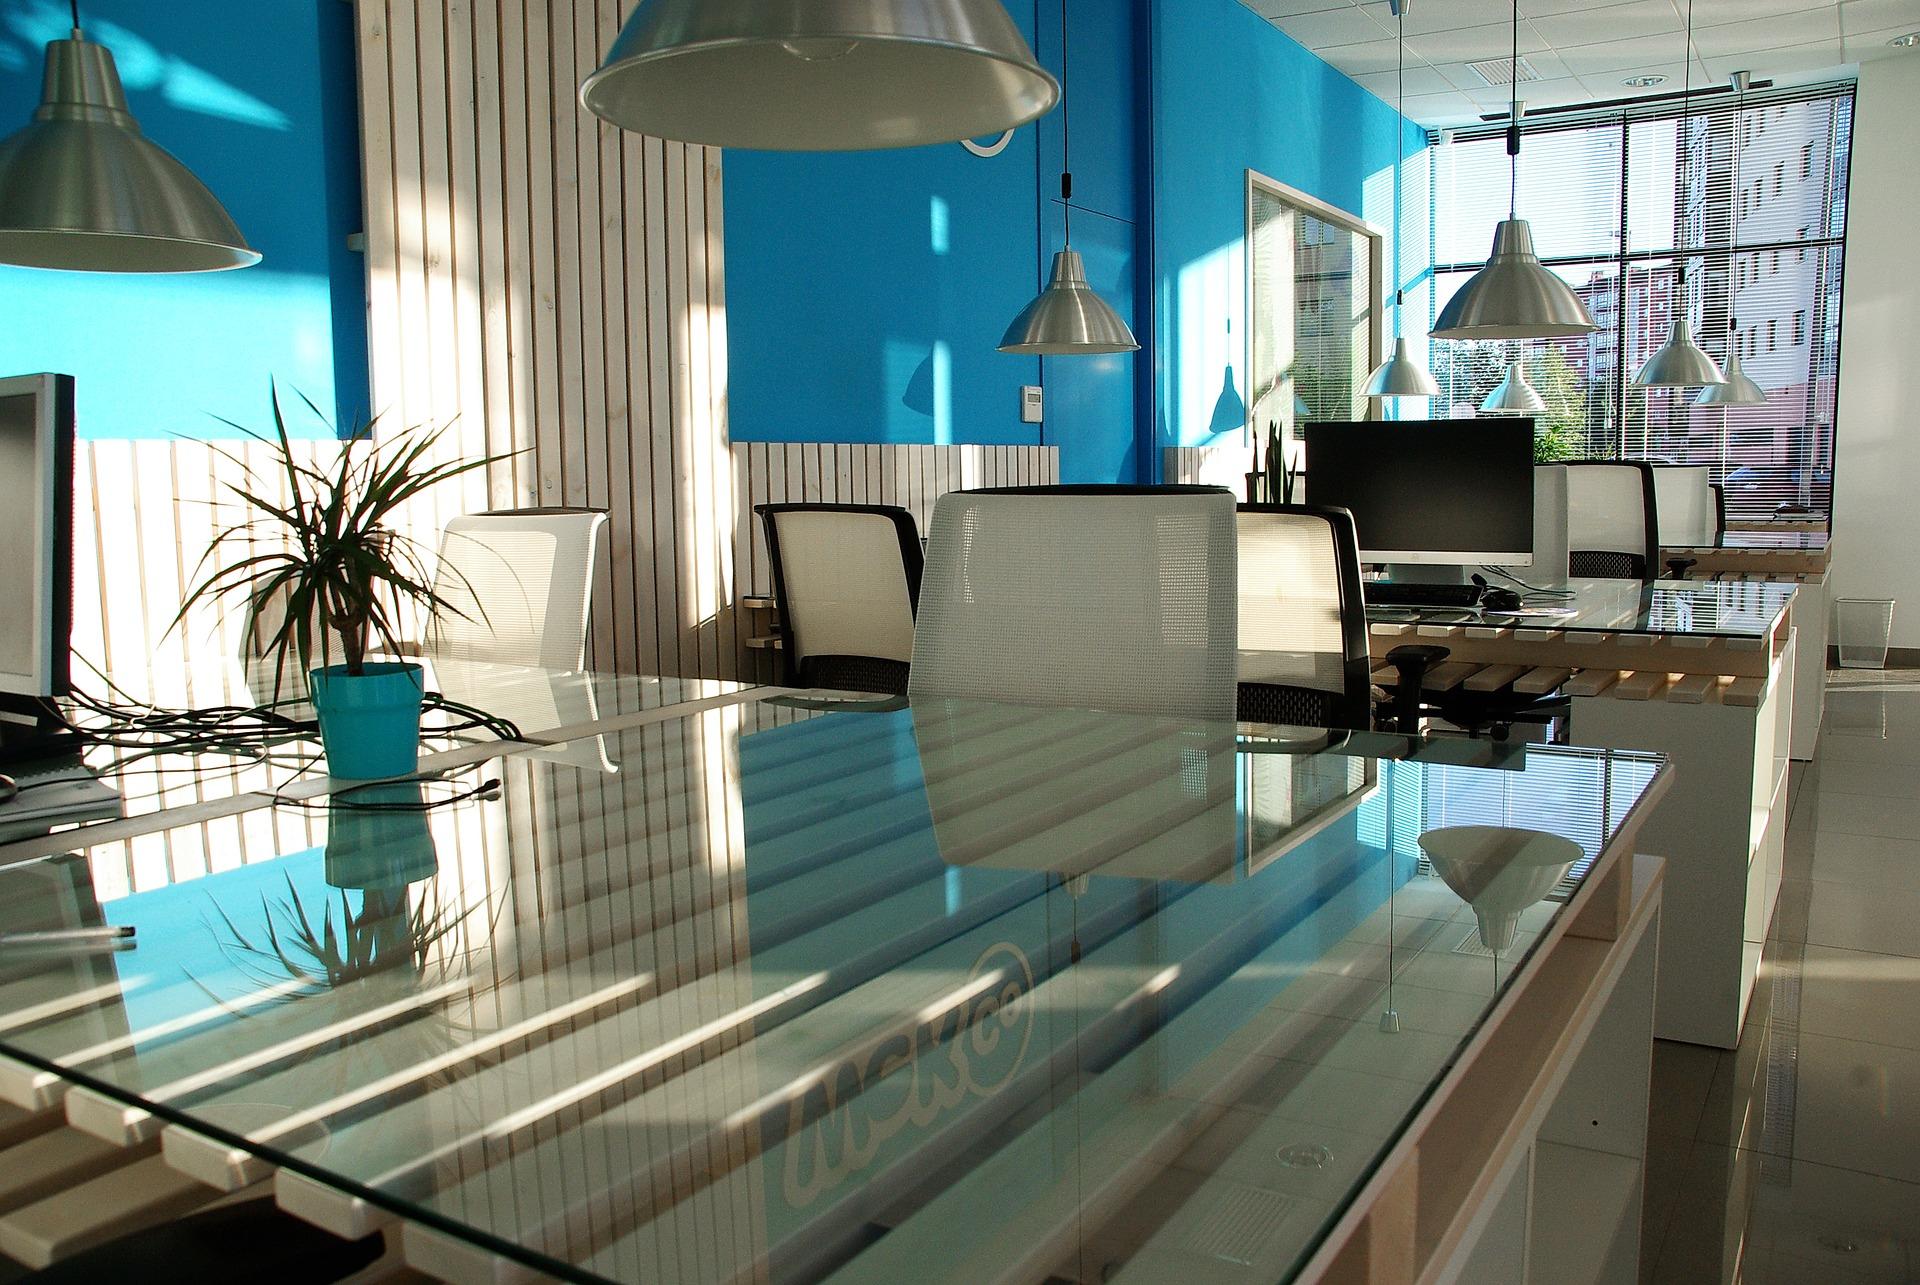 Bürogestaltung - 5 Must-Haves für mehr Effizienz im Architekturbüro